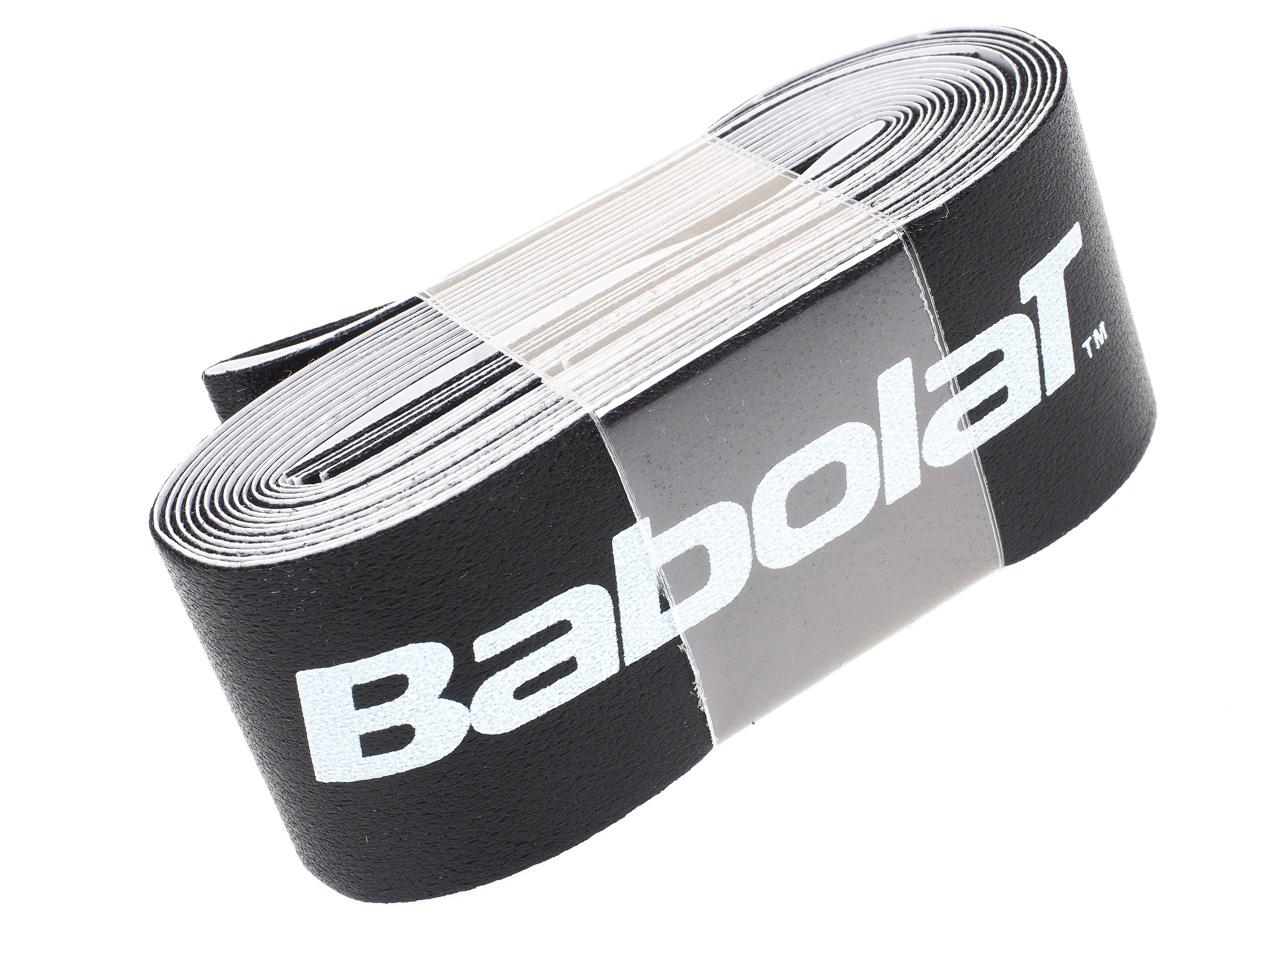 Protection-de-raquette-tennis-Babolat-Super-tape-noir-Noir-14136-Neuf miniature 5